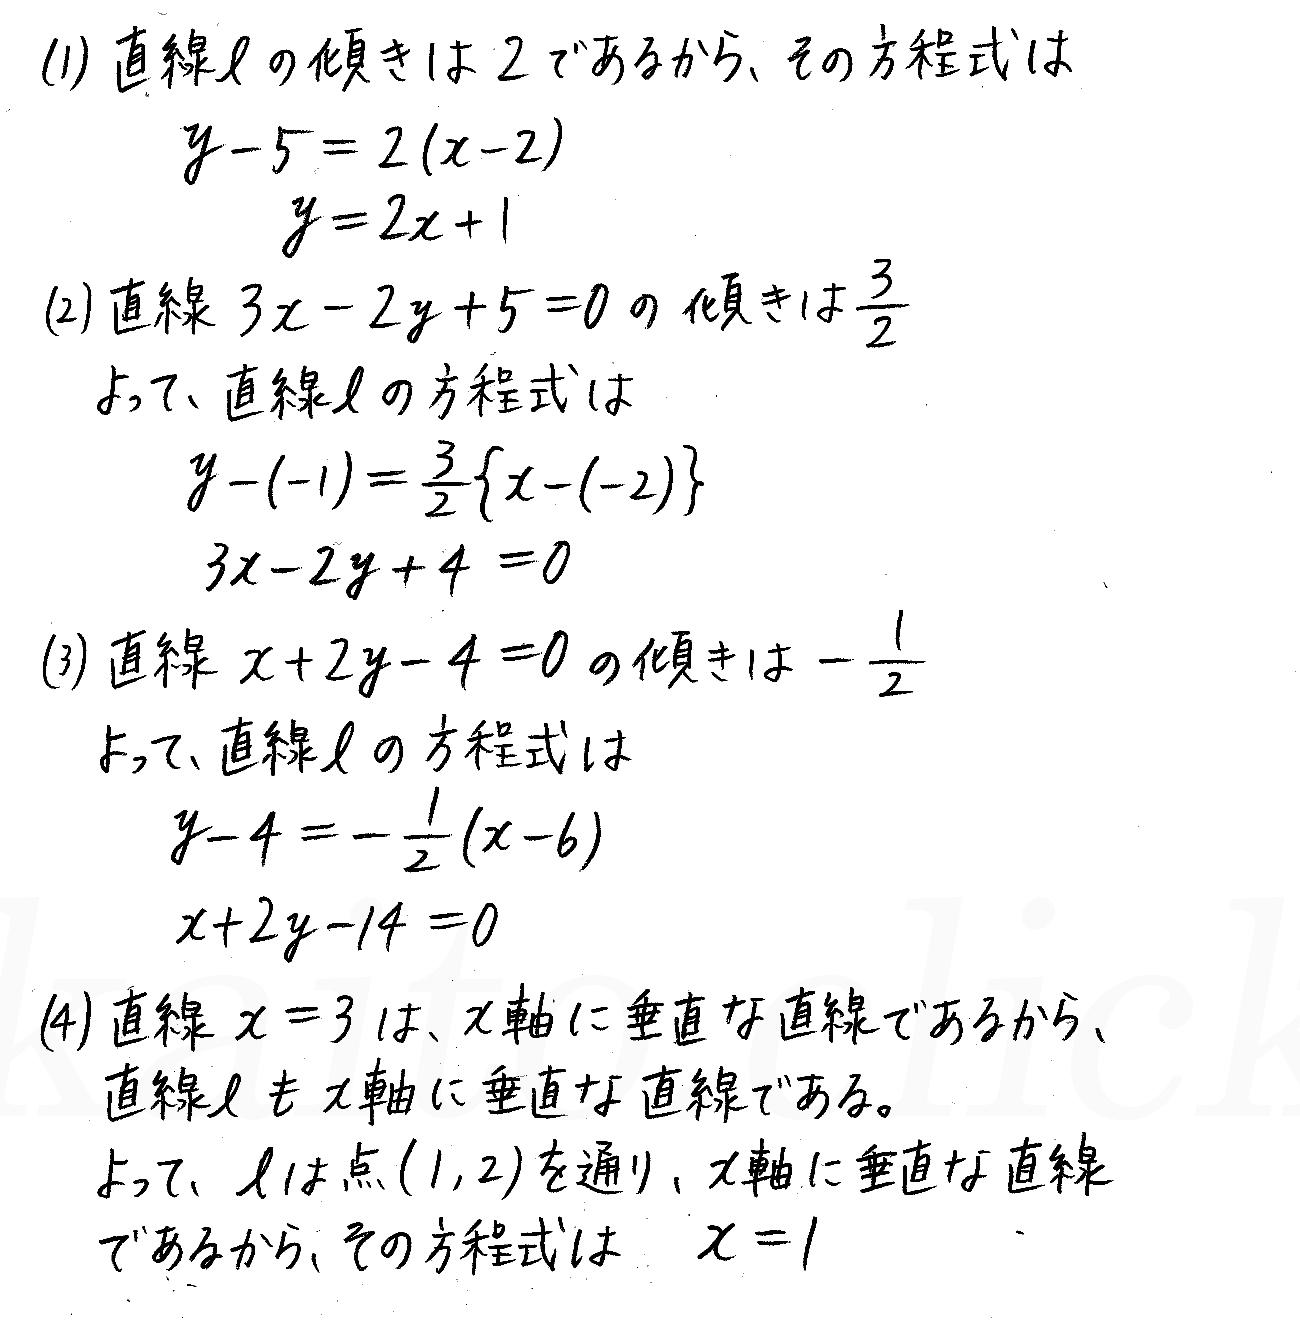 改訂版4プロセス数学2-156解答